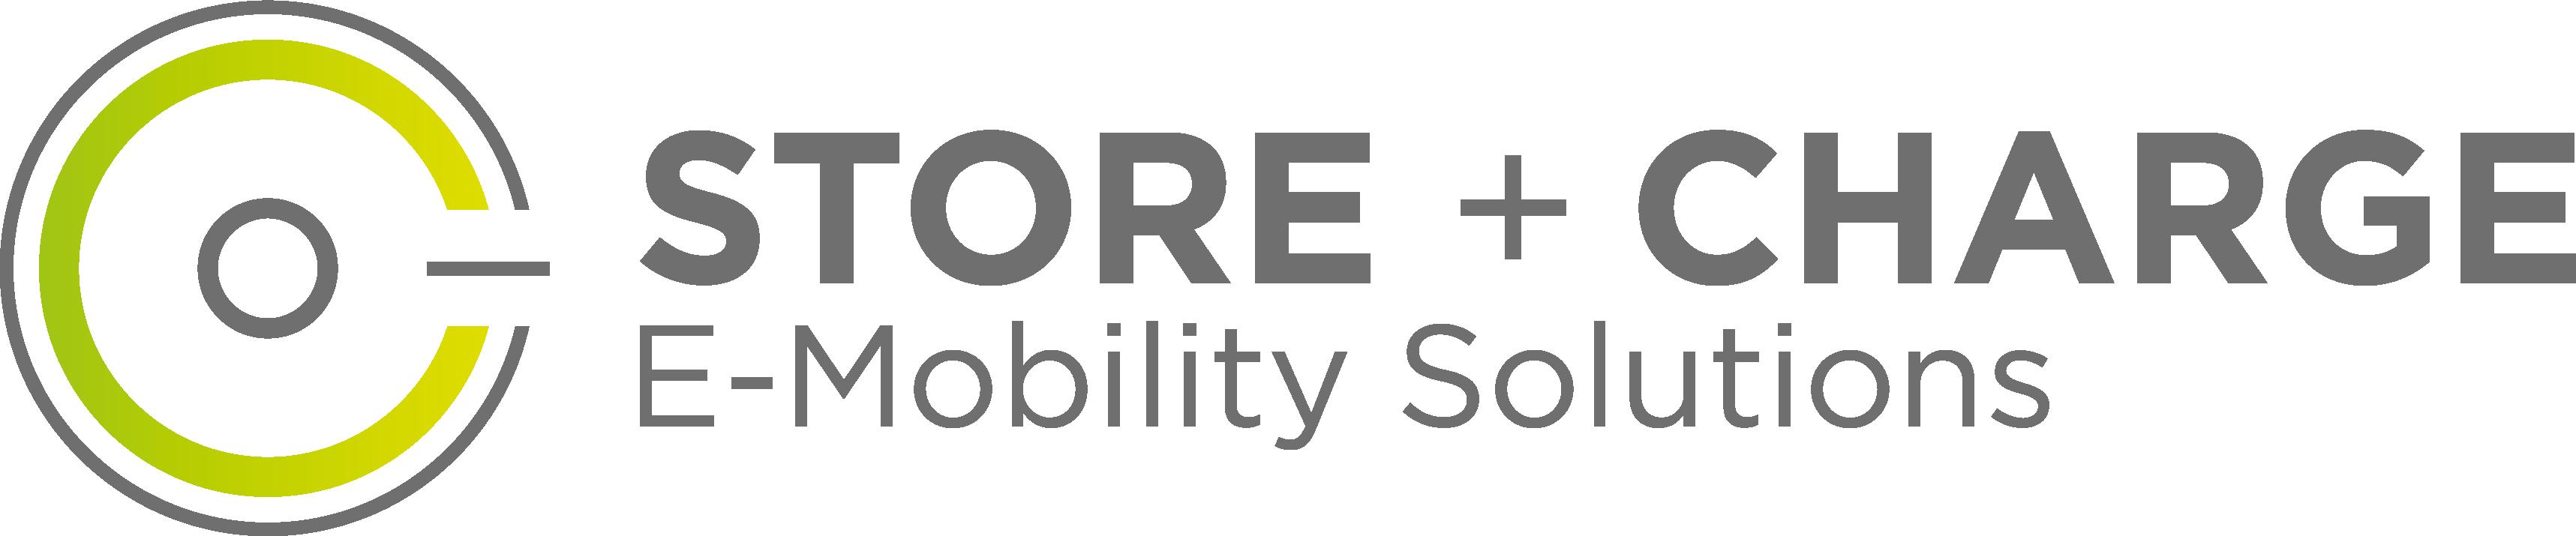 Store + Charge GmbH - zur Startseite wechseln